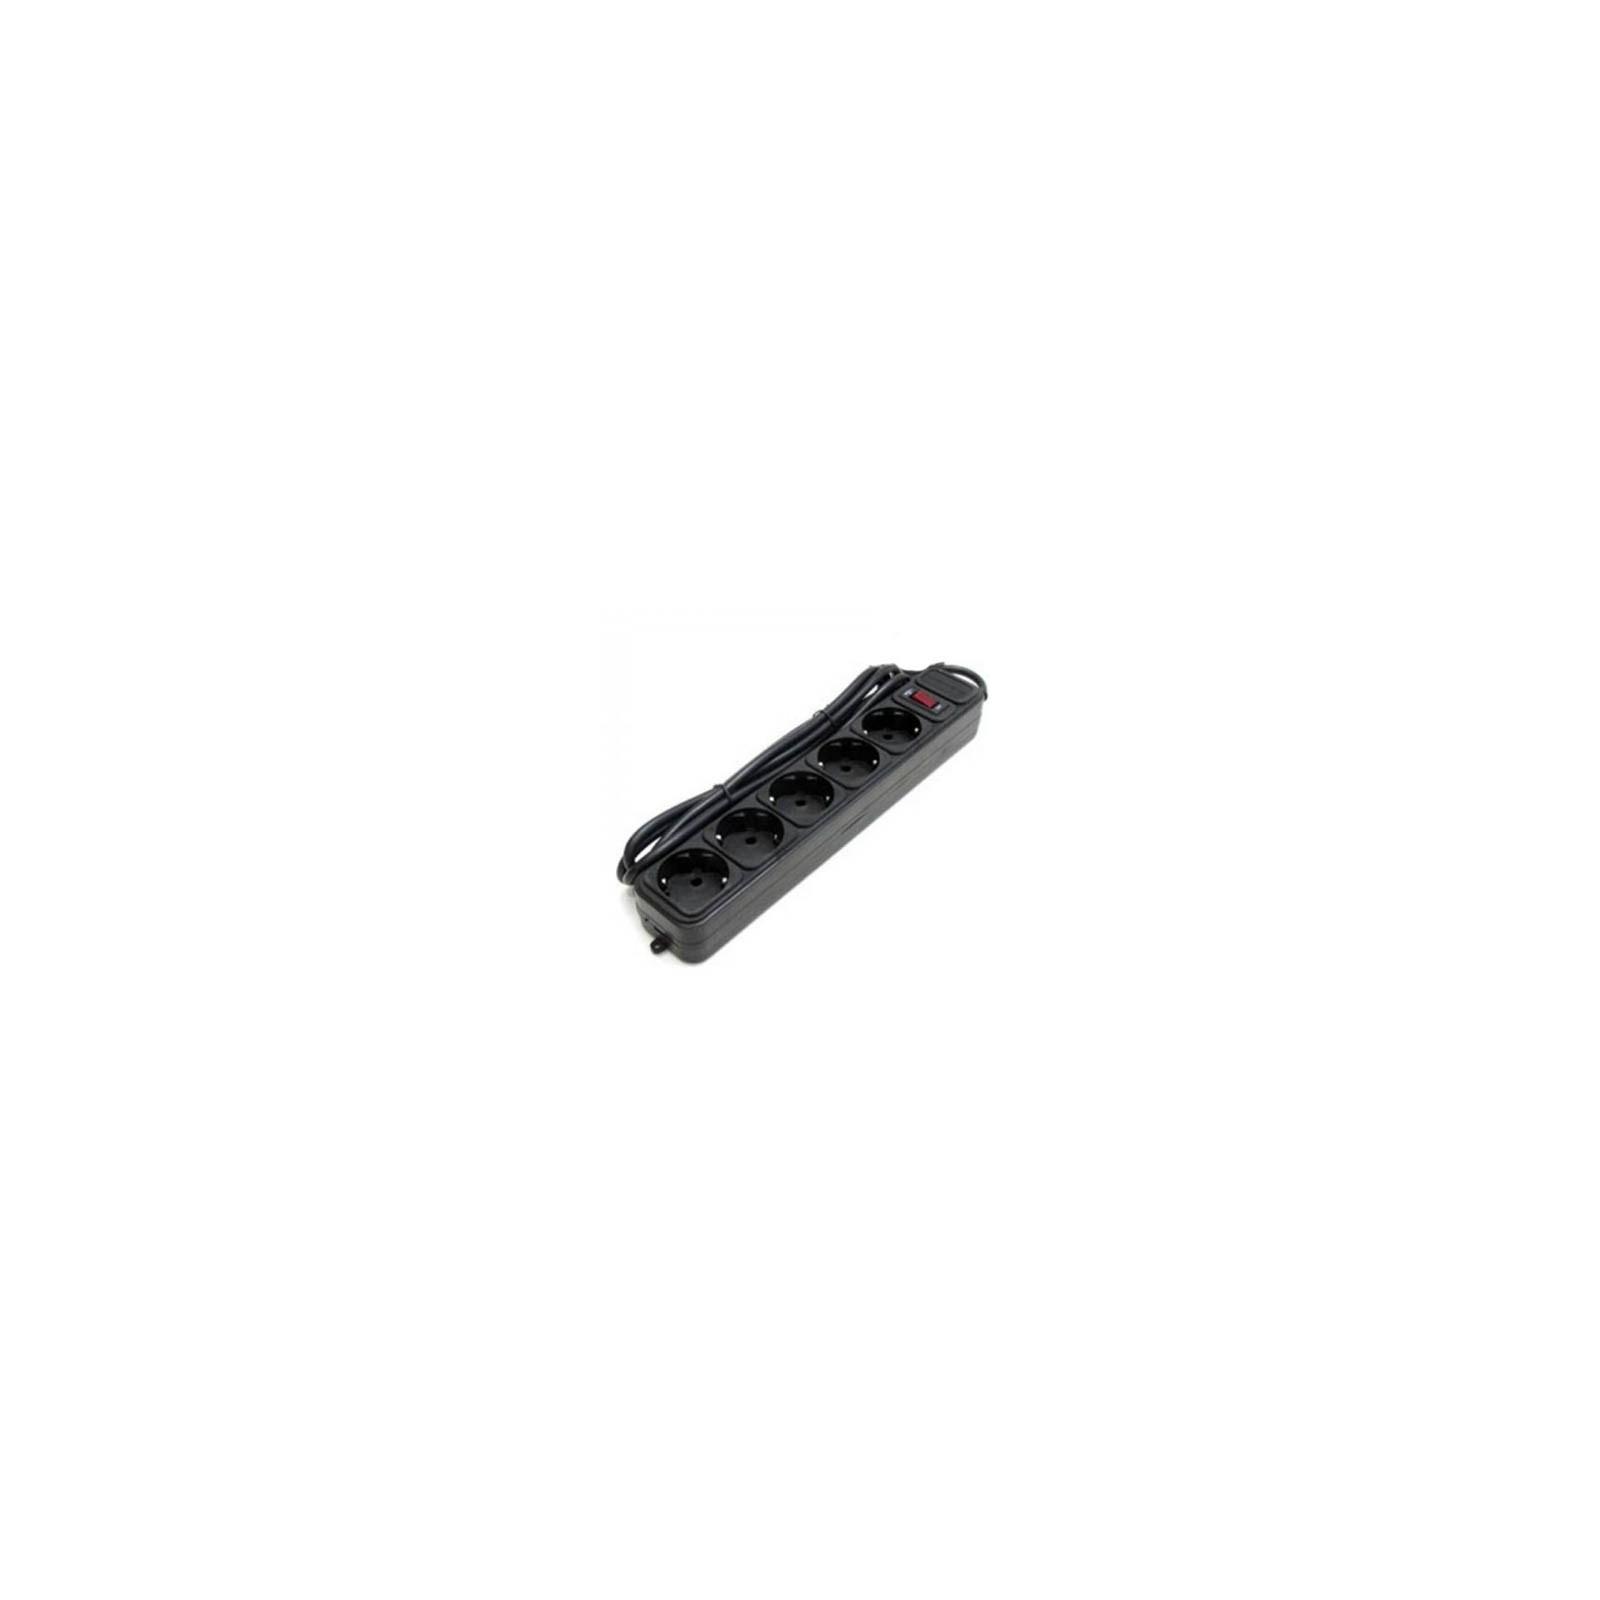 Сетевой фильтр питания GEMIX Surge protector 1.8m (Gemix 1.8m B)